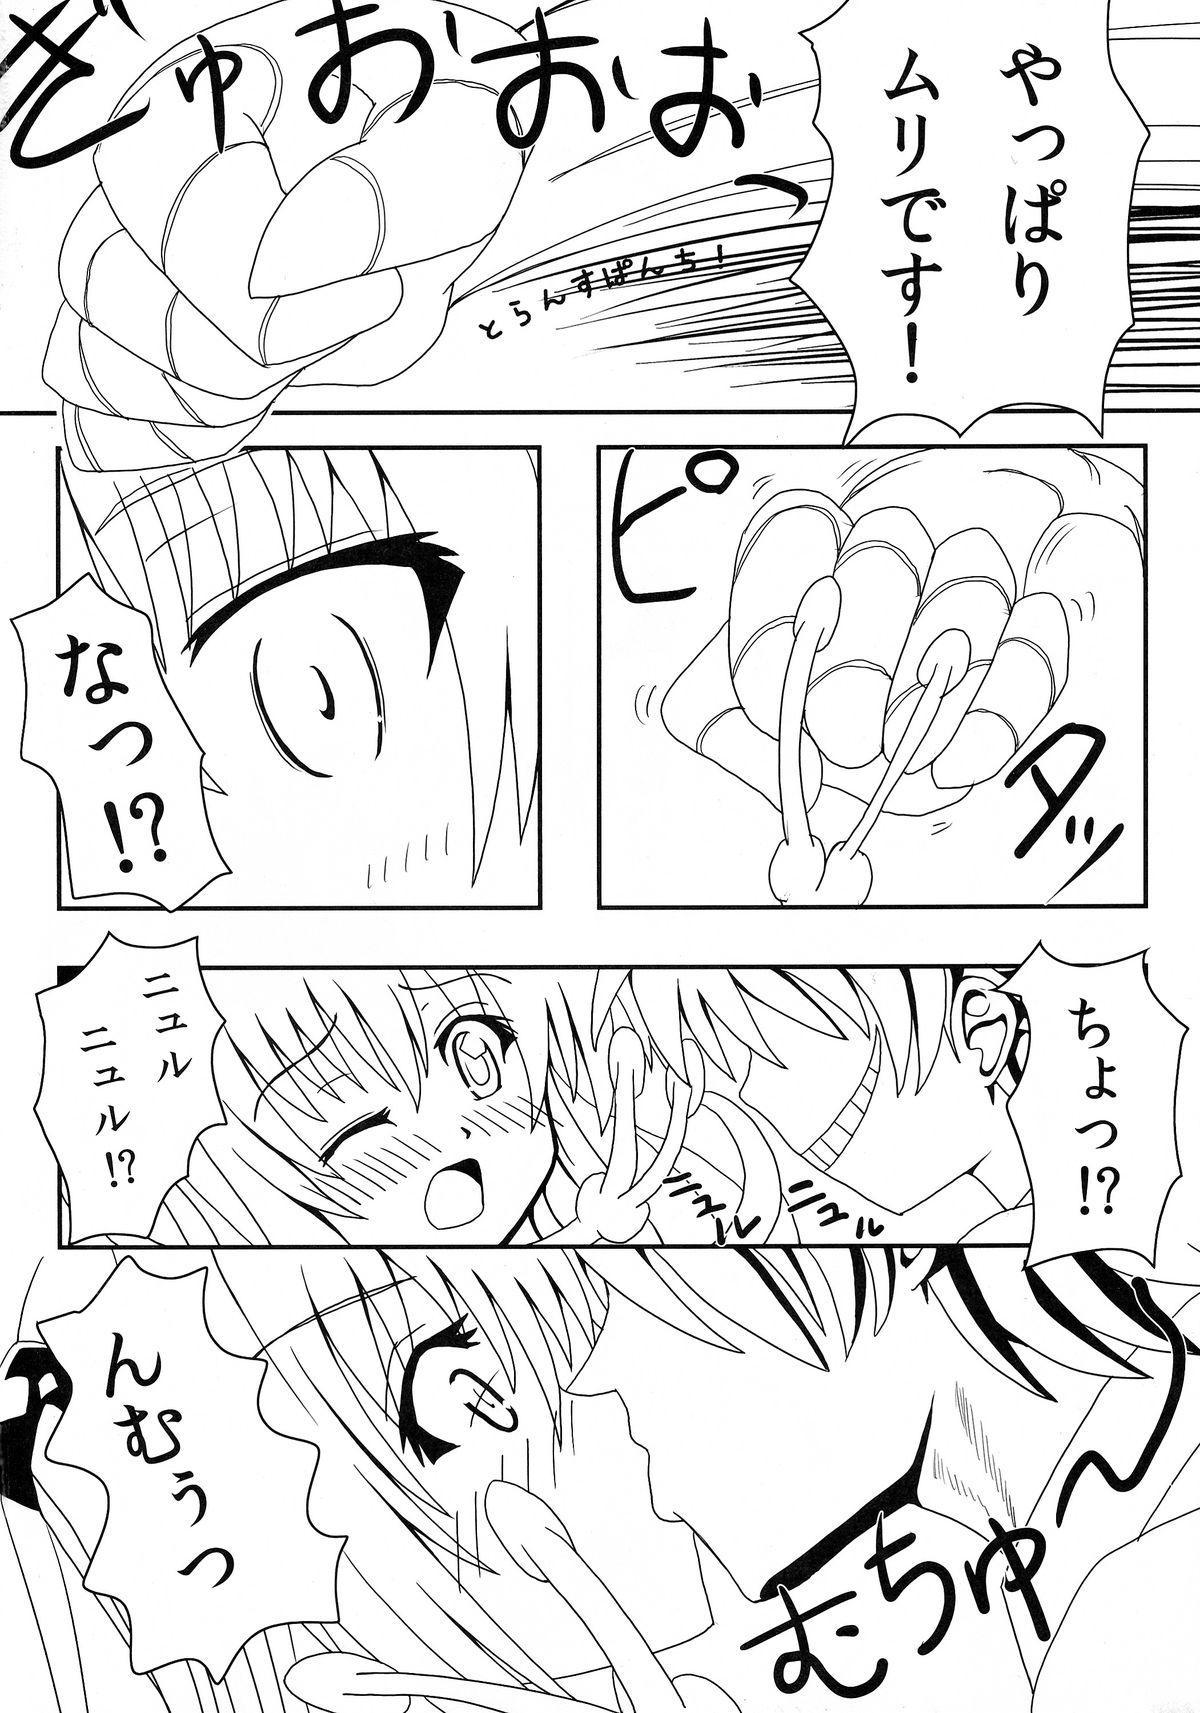 Yami-chan no Ansatsu Kyoushitsu 9